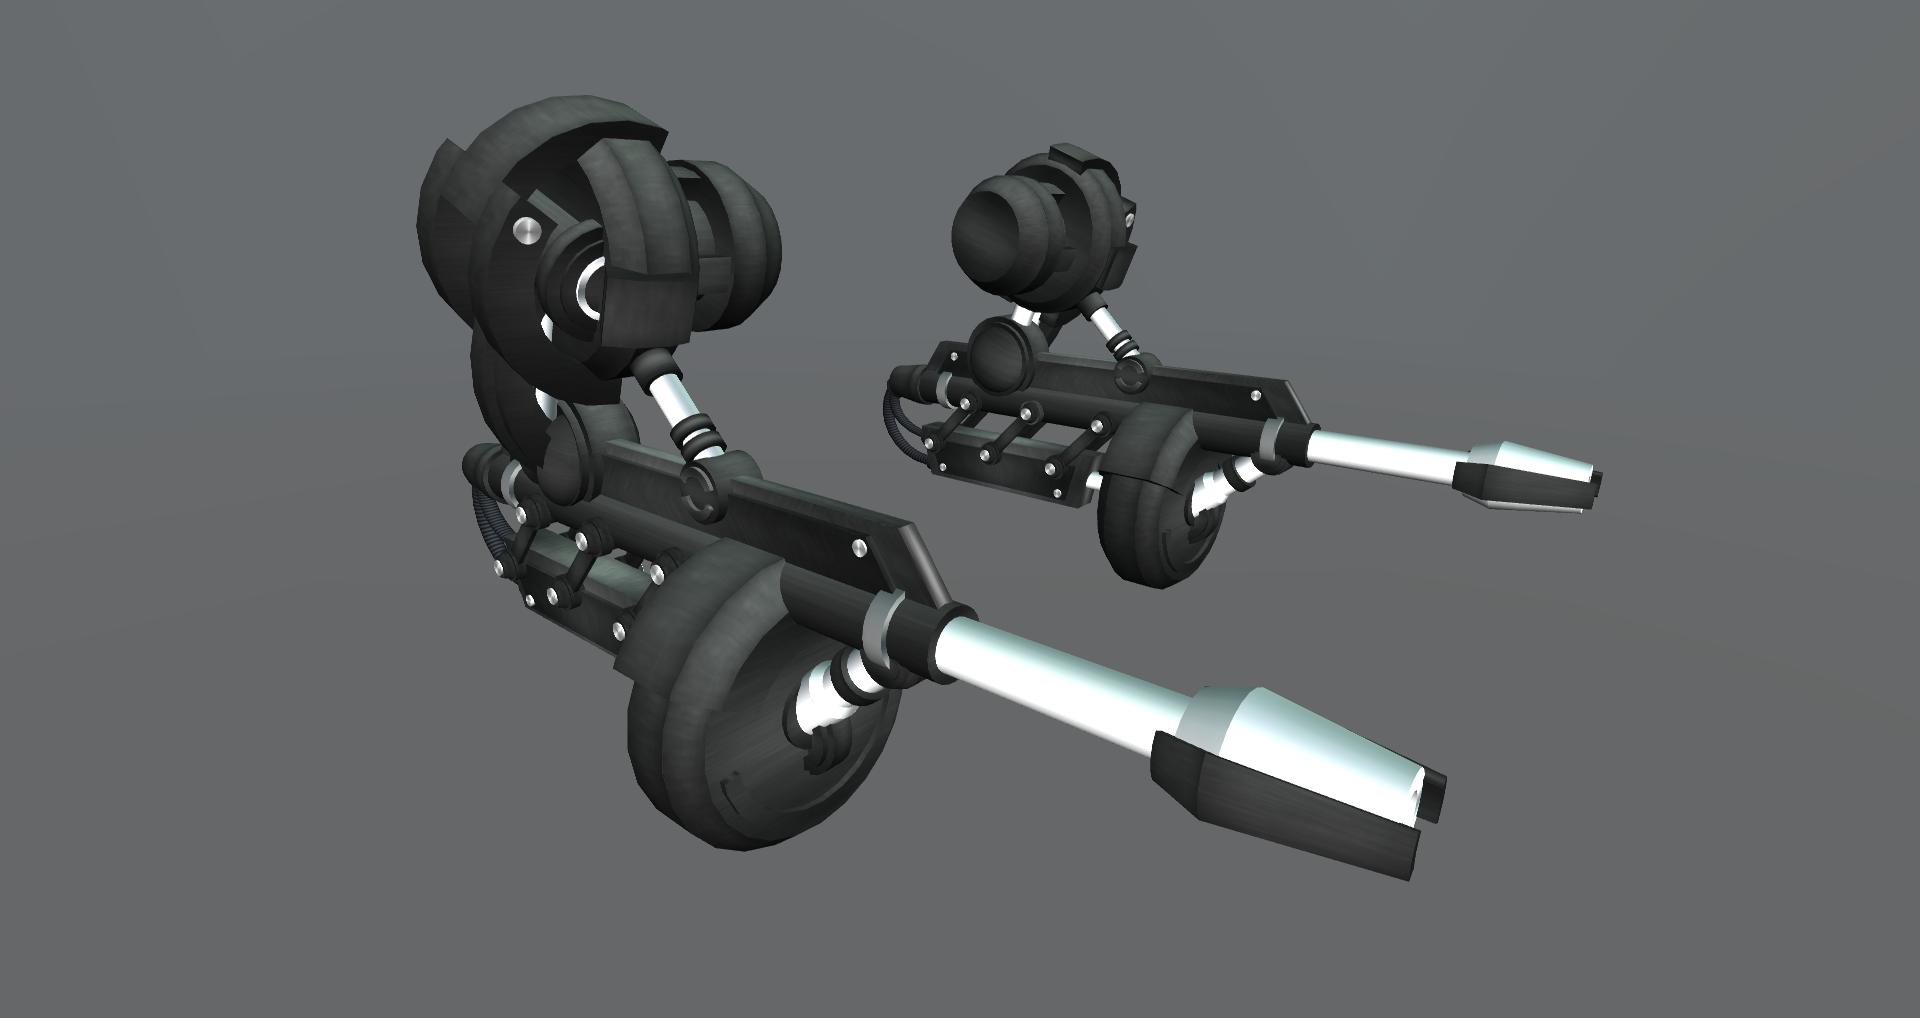 3D Futuristic Machine Guns by Zarthak on DeviantArt